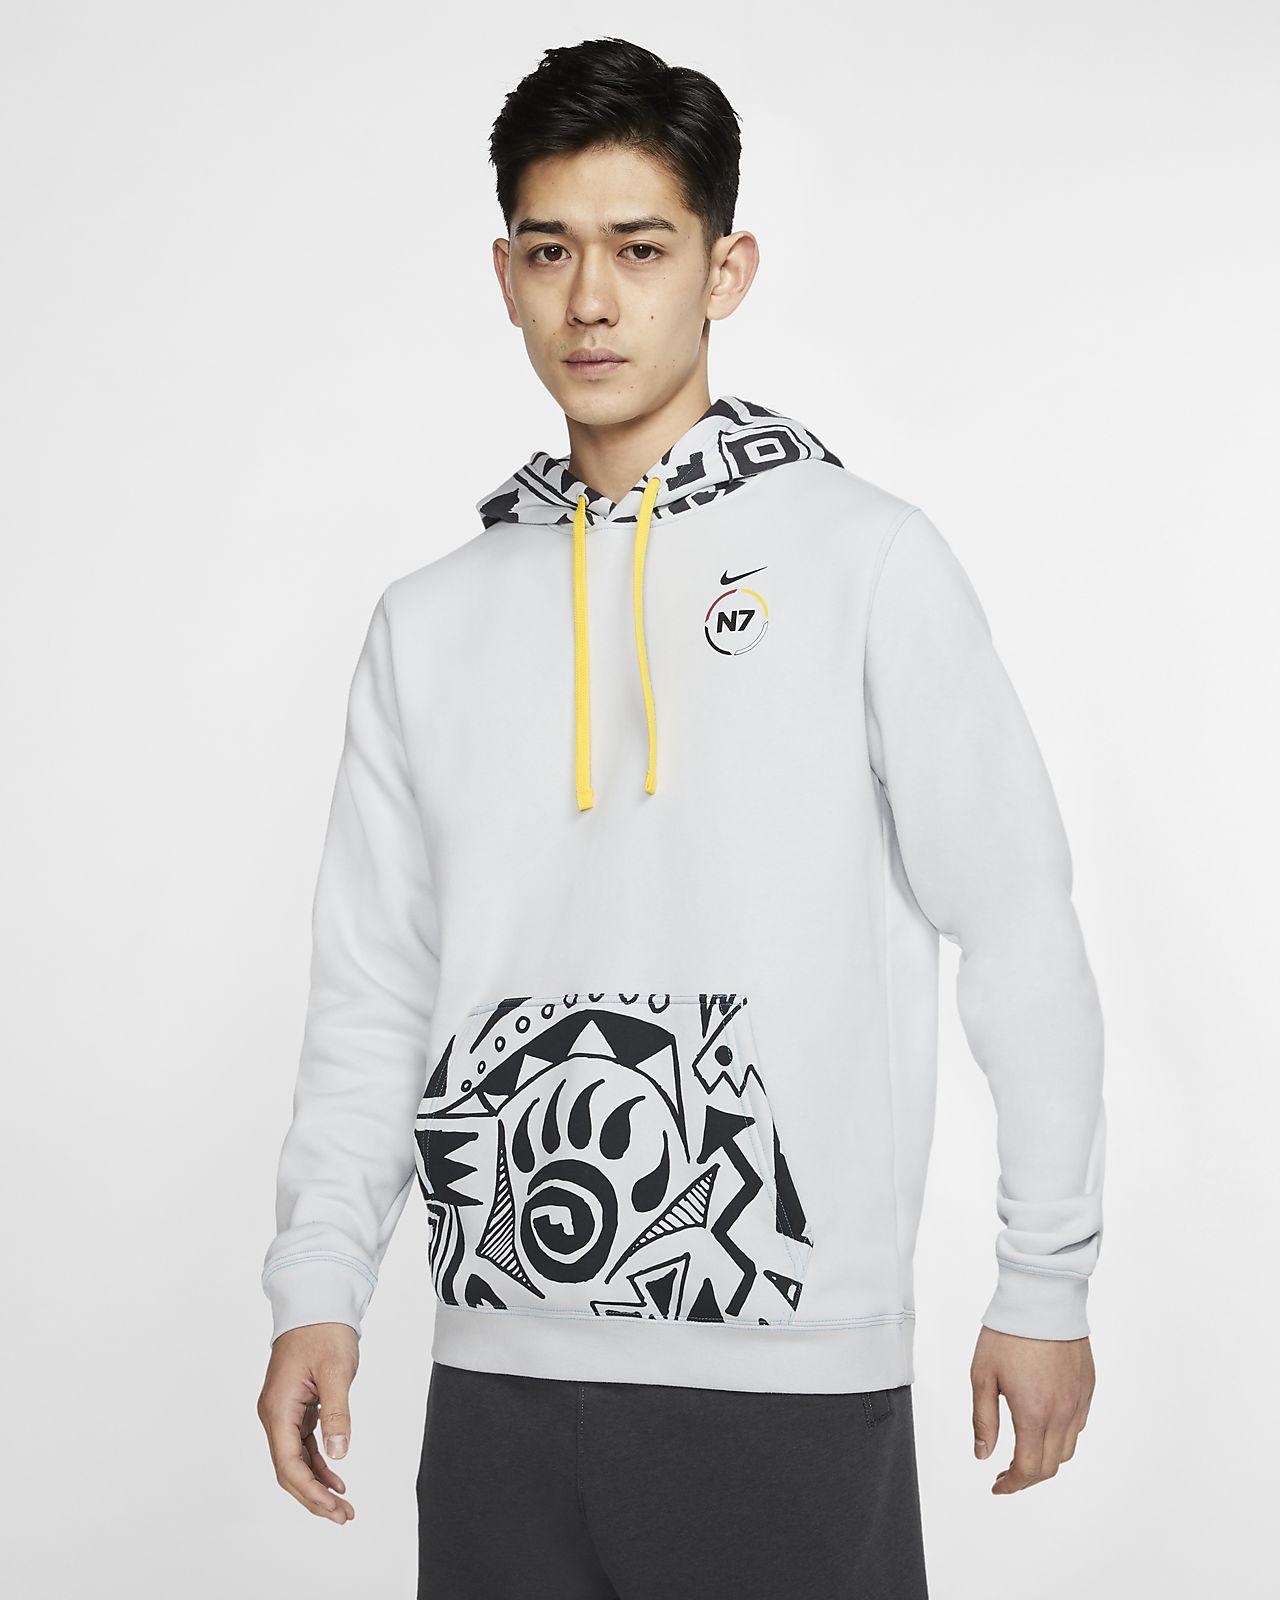 ef68d595655e7 Nike Sportswear N7 Club Fleece Men's Pullover Hoodie. Nike.com